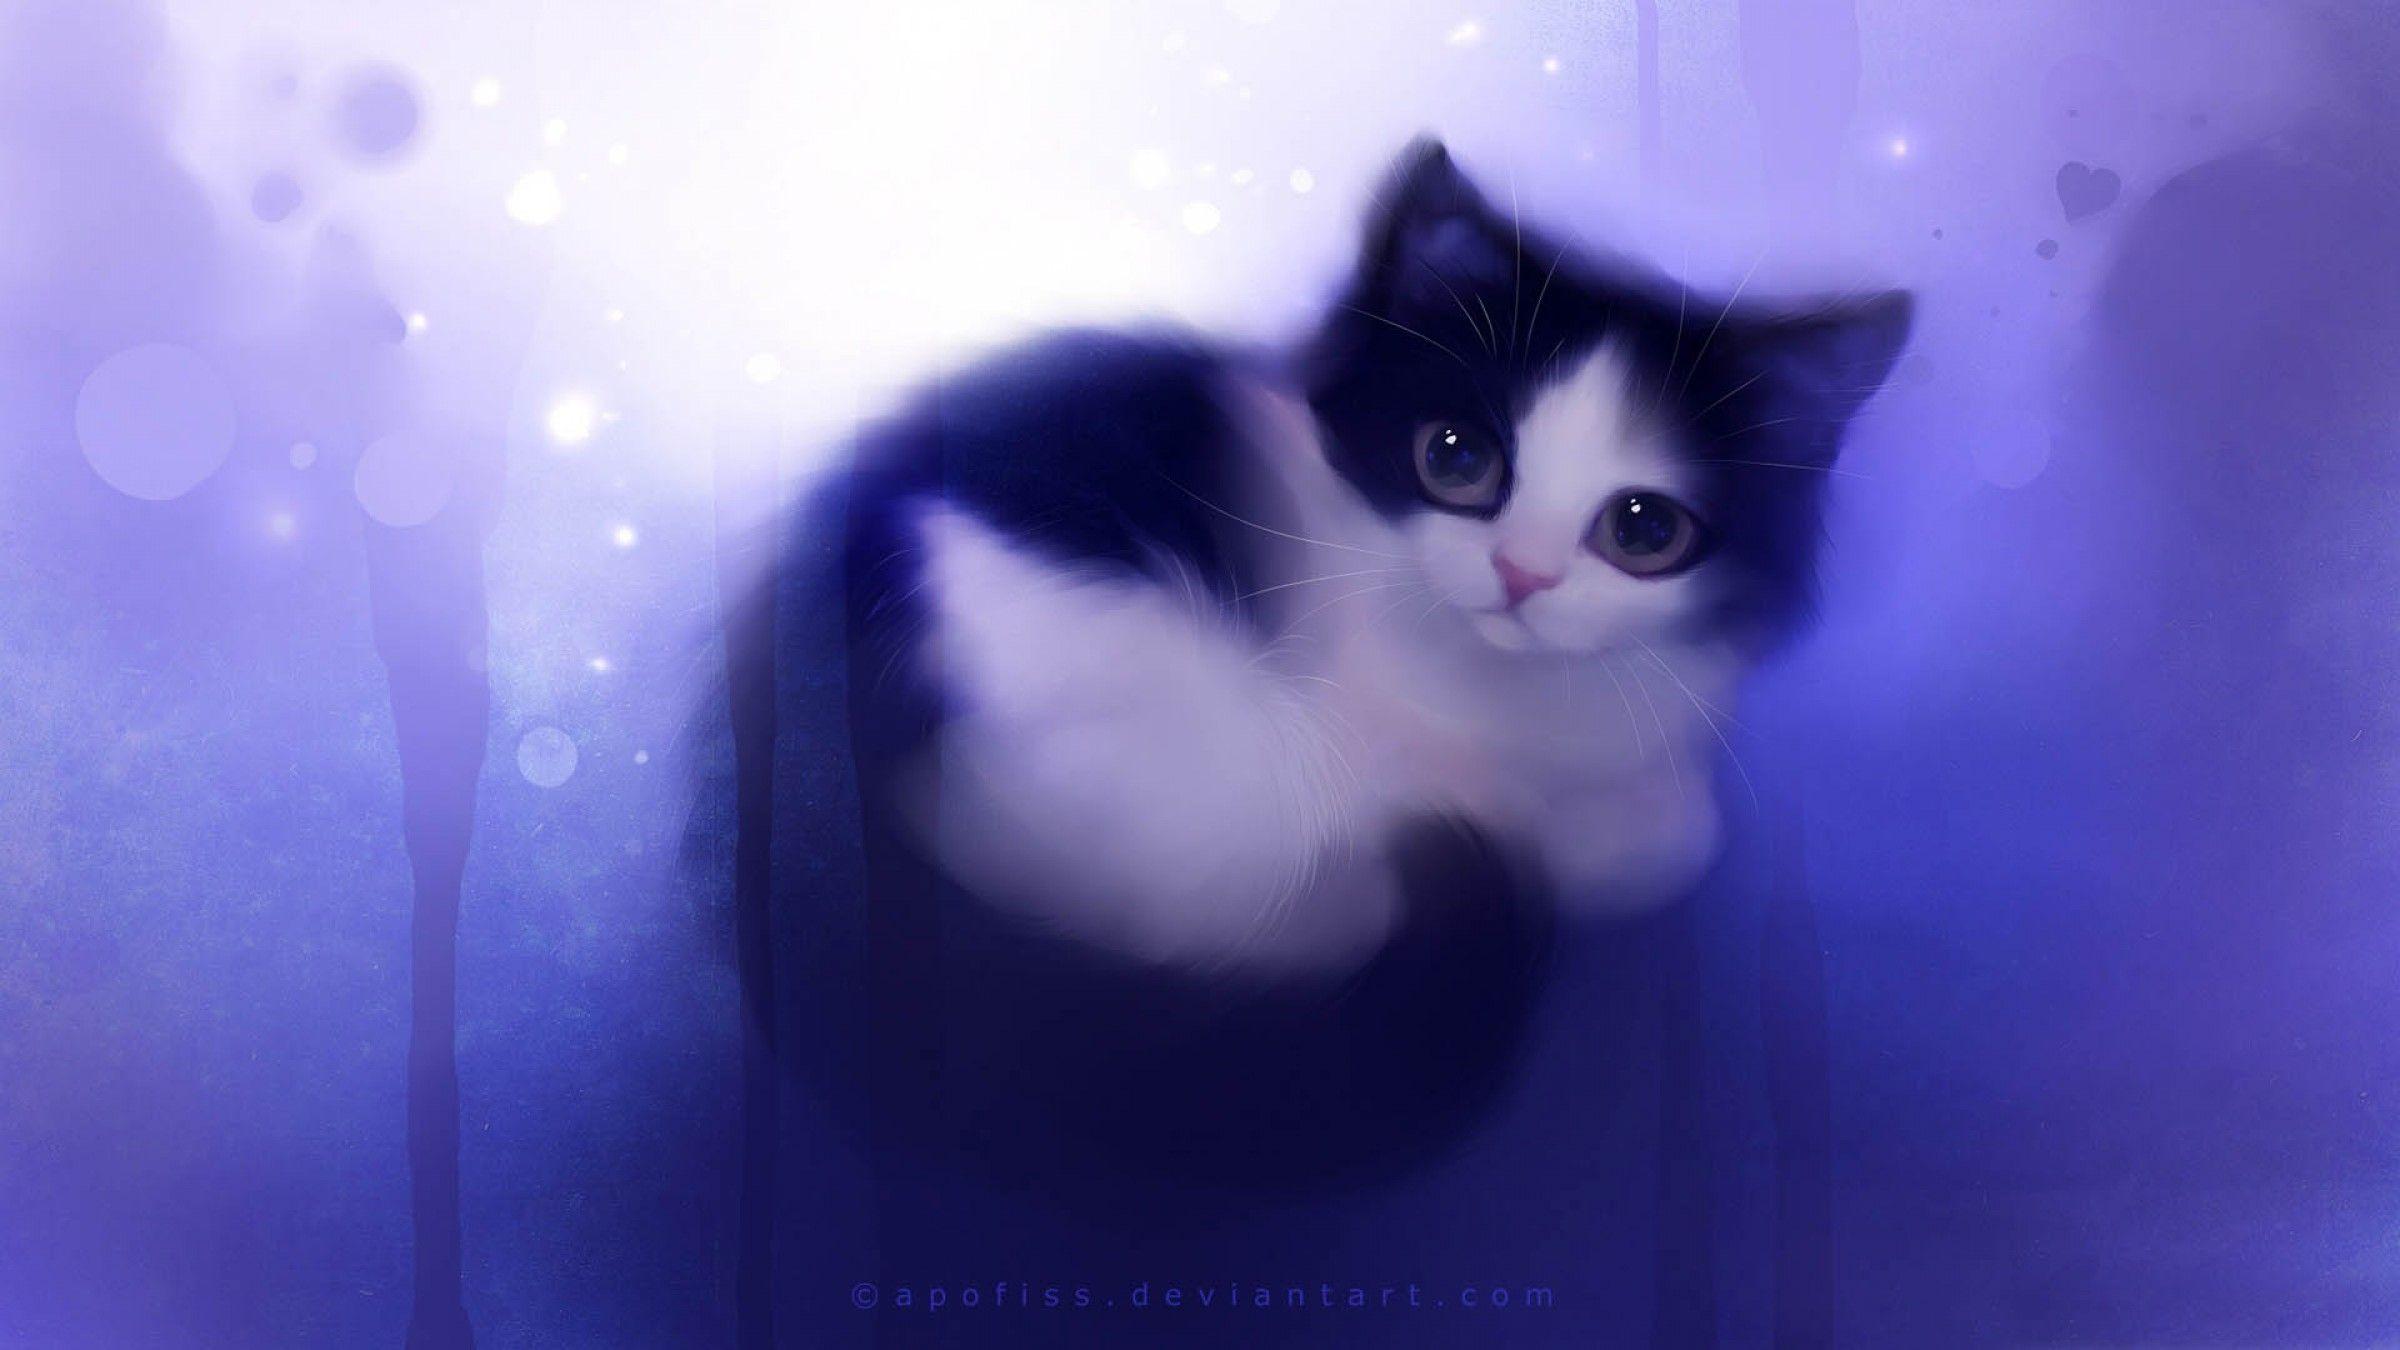 Pin By Nadia Harfoush On I Love Cats Cute Anime Cat Cat